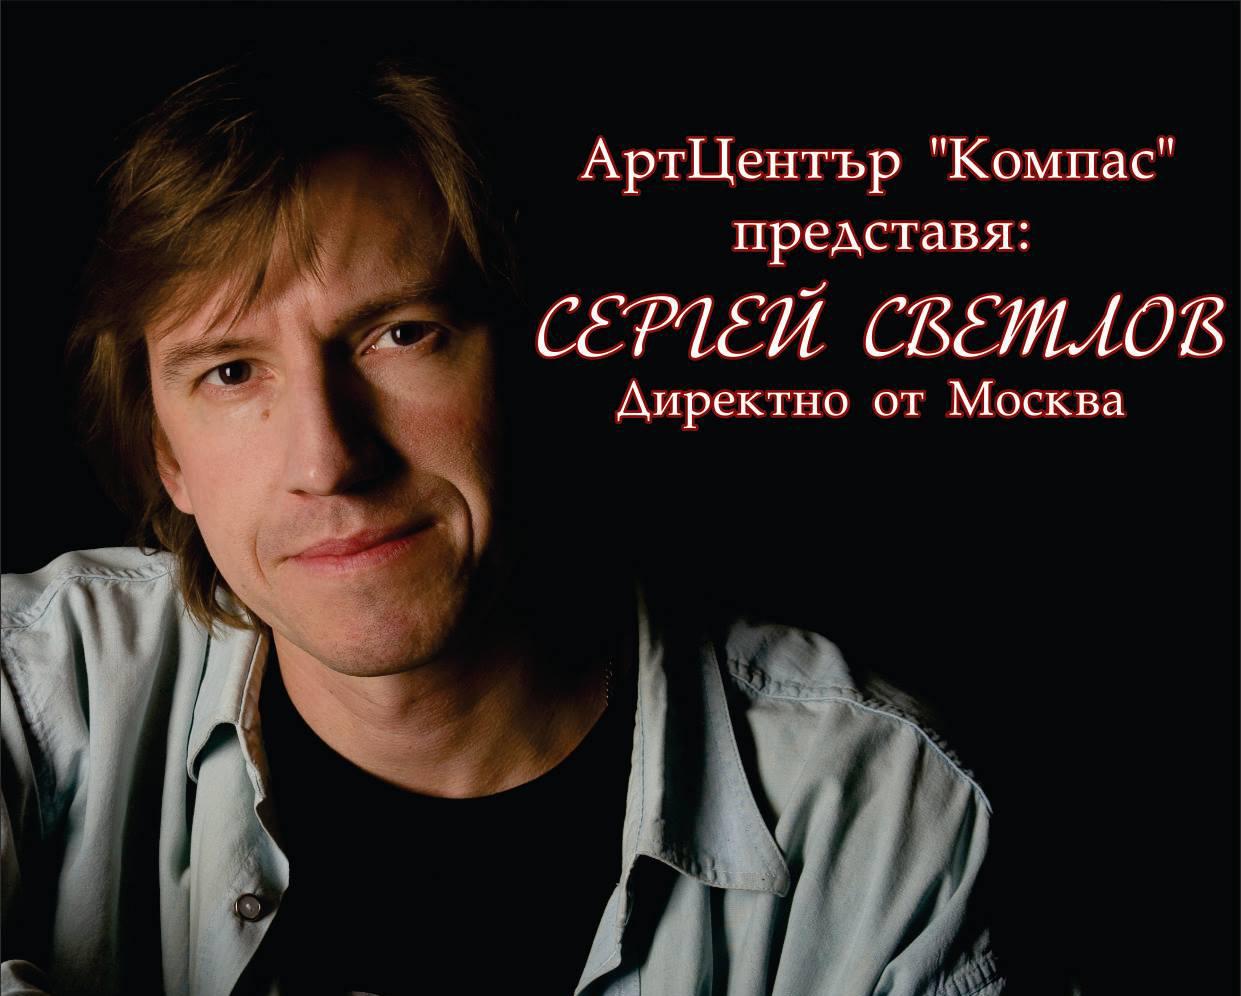 Сергей Светлов директно от Москва